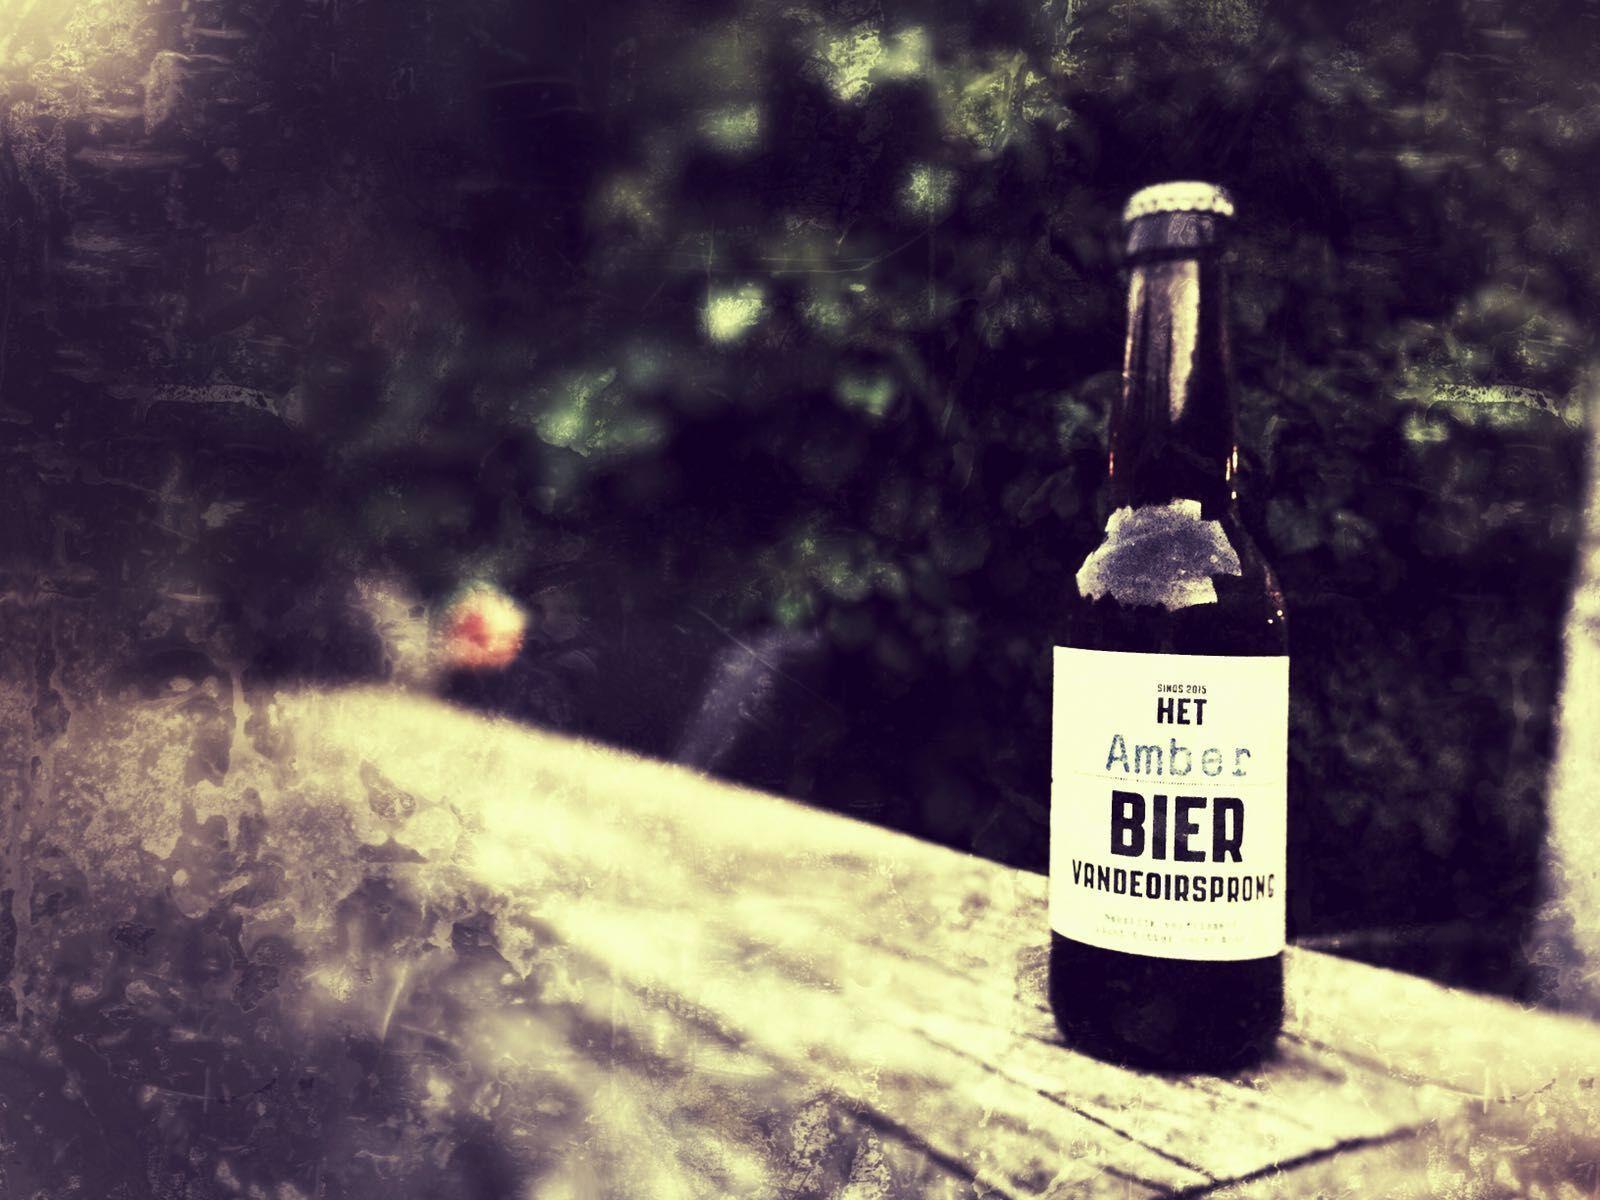 Amber van Brouwerij Vandeoirsprong